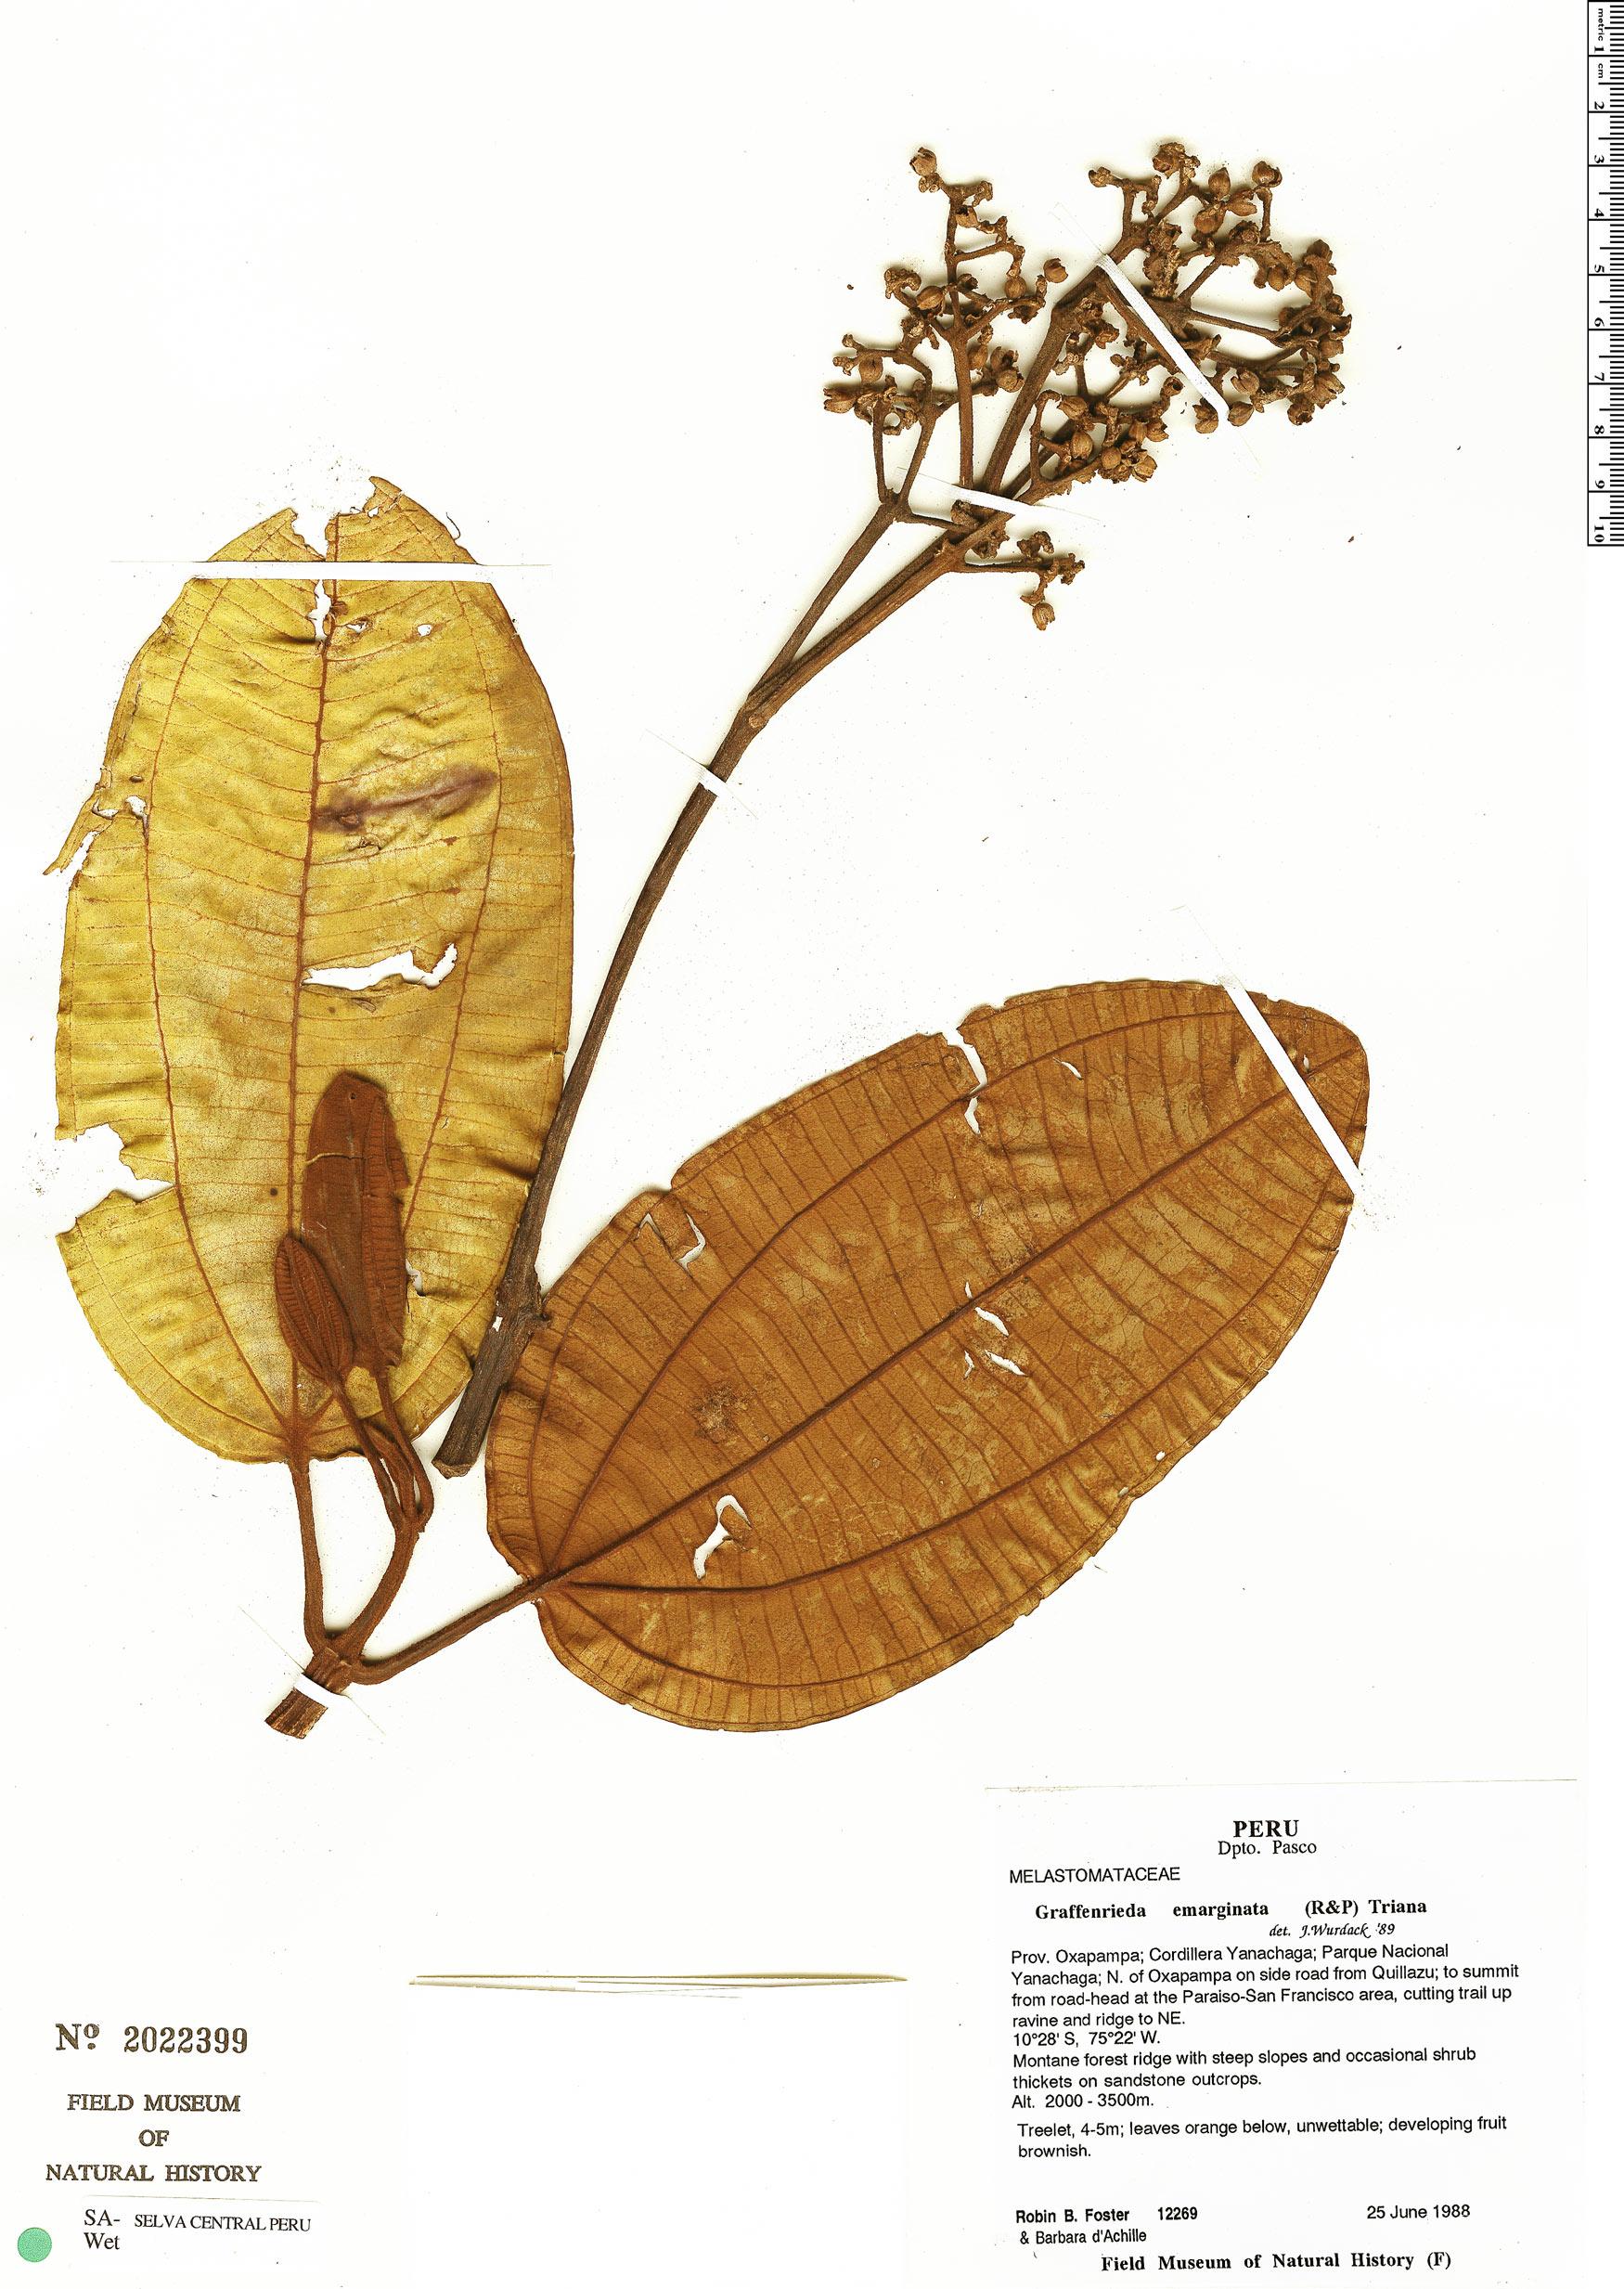 Specimen: Graffenrieda emarginata